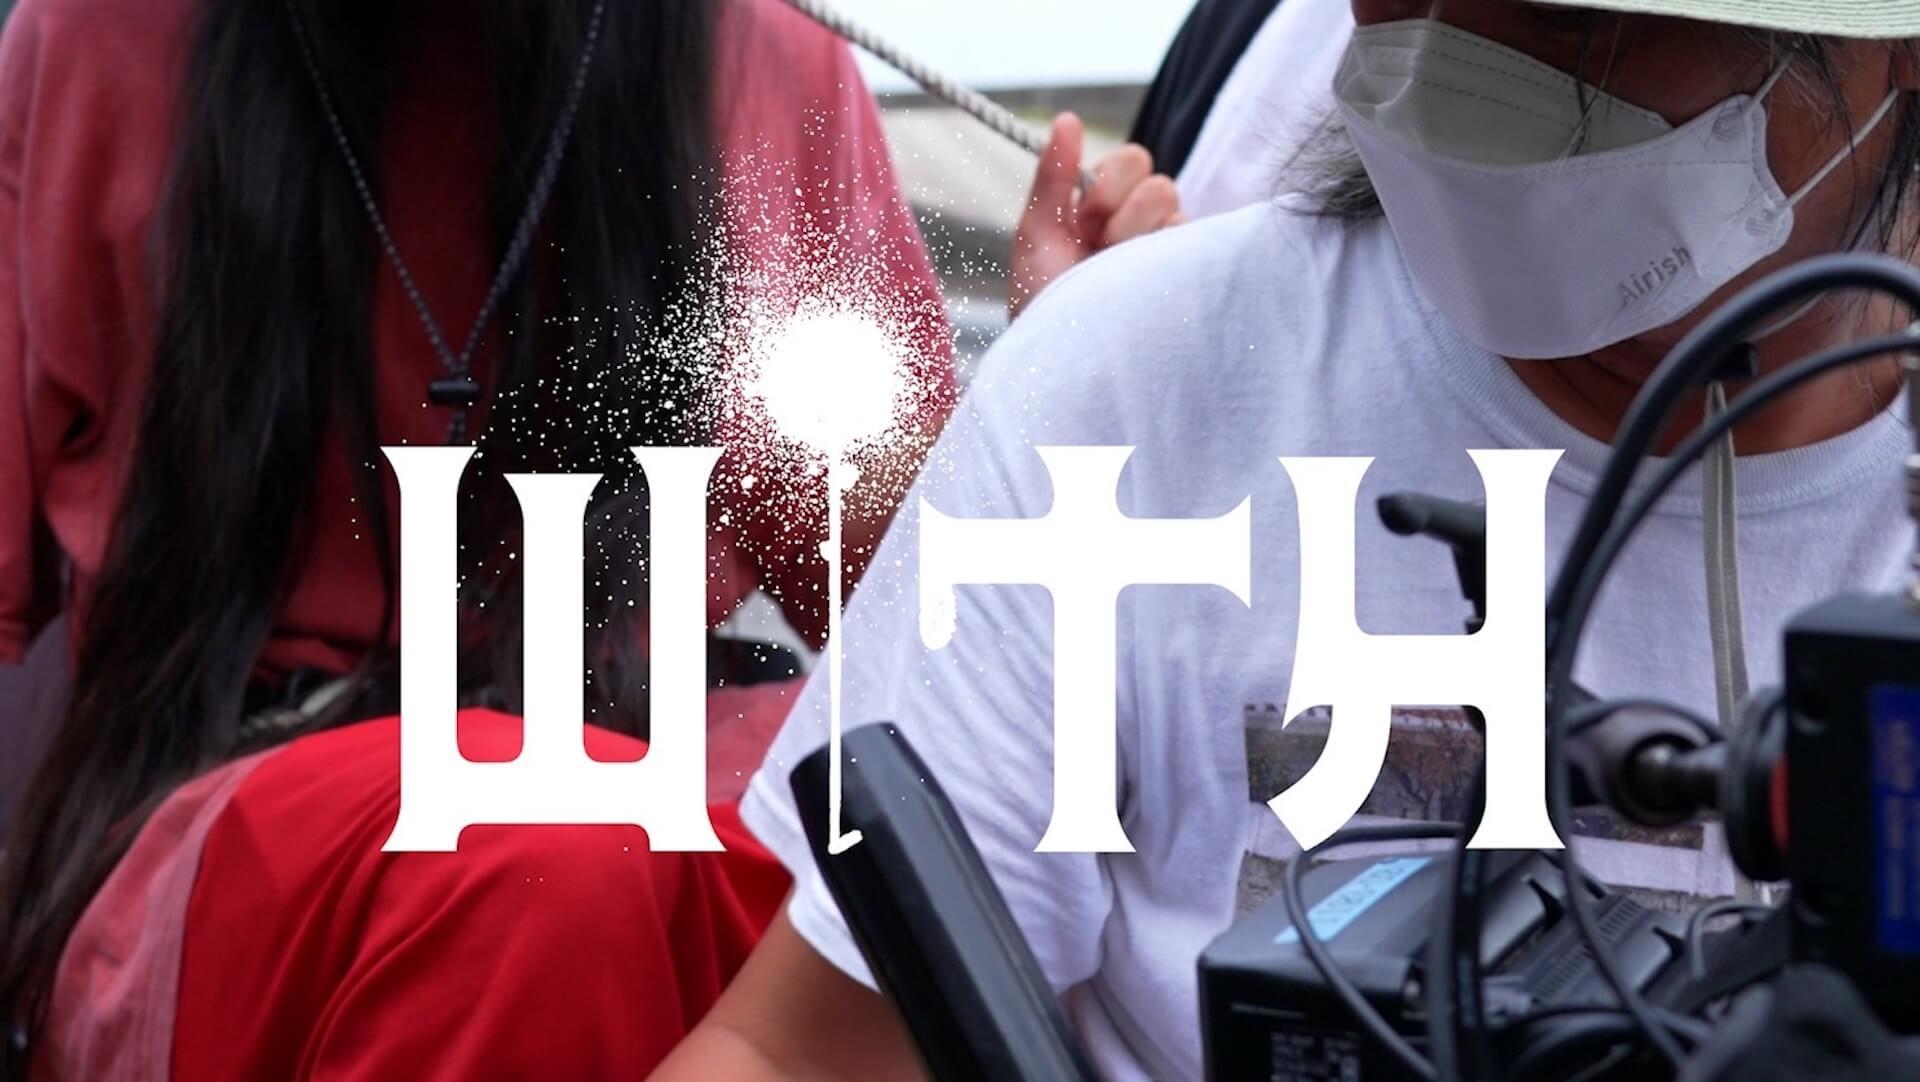 GEZANとマヒト監督の映画『i ai』に迫るドキュメンタリー『#WiTH』が期間限定で公開|森山未來、平体雄二らも参加 film210921_iai_3